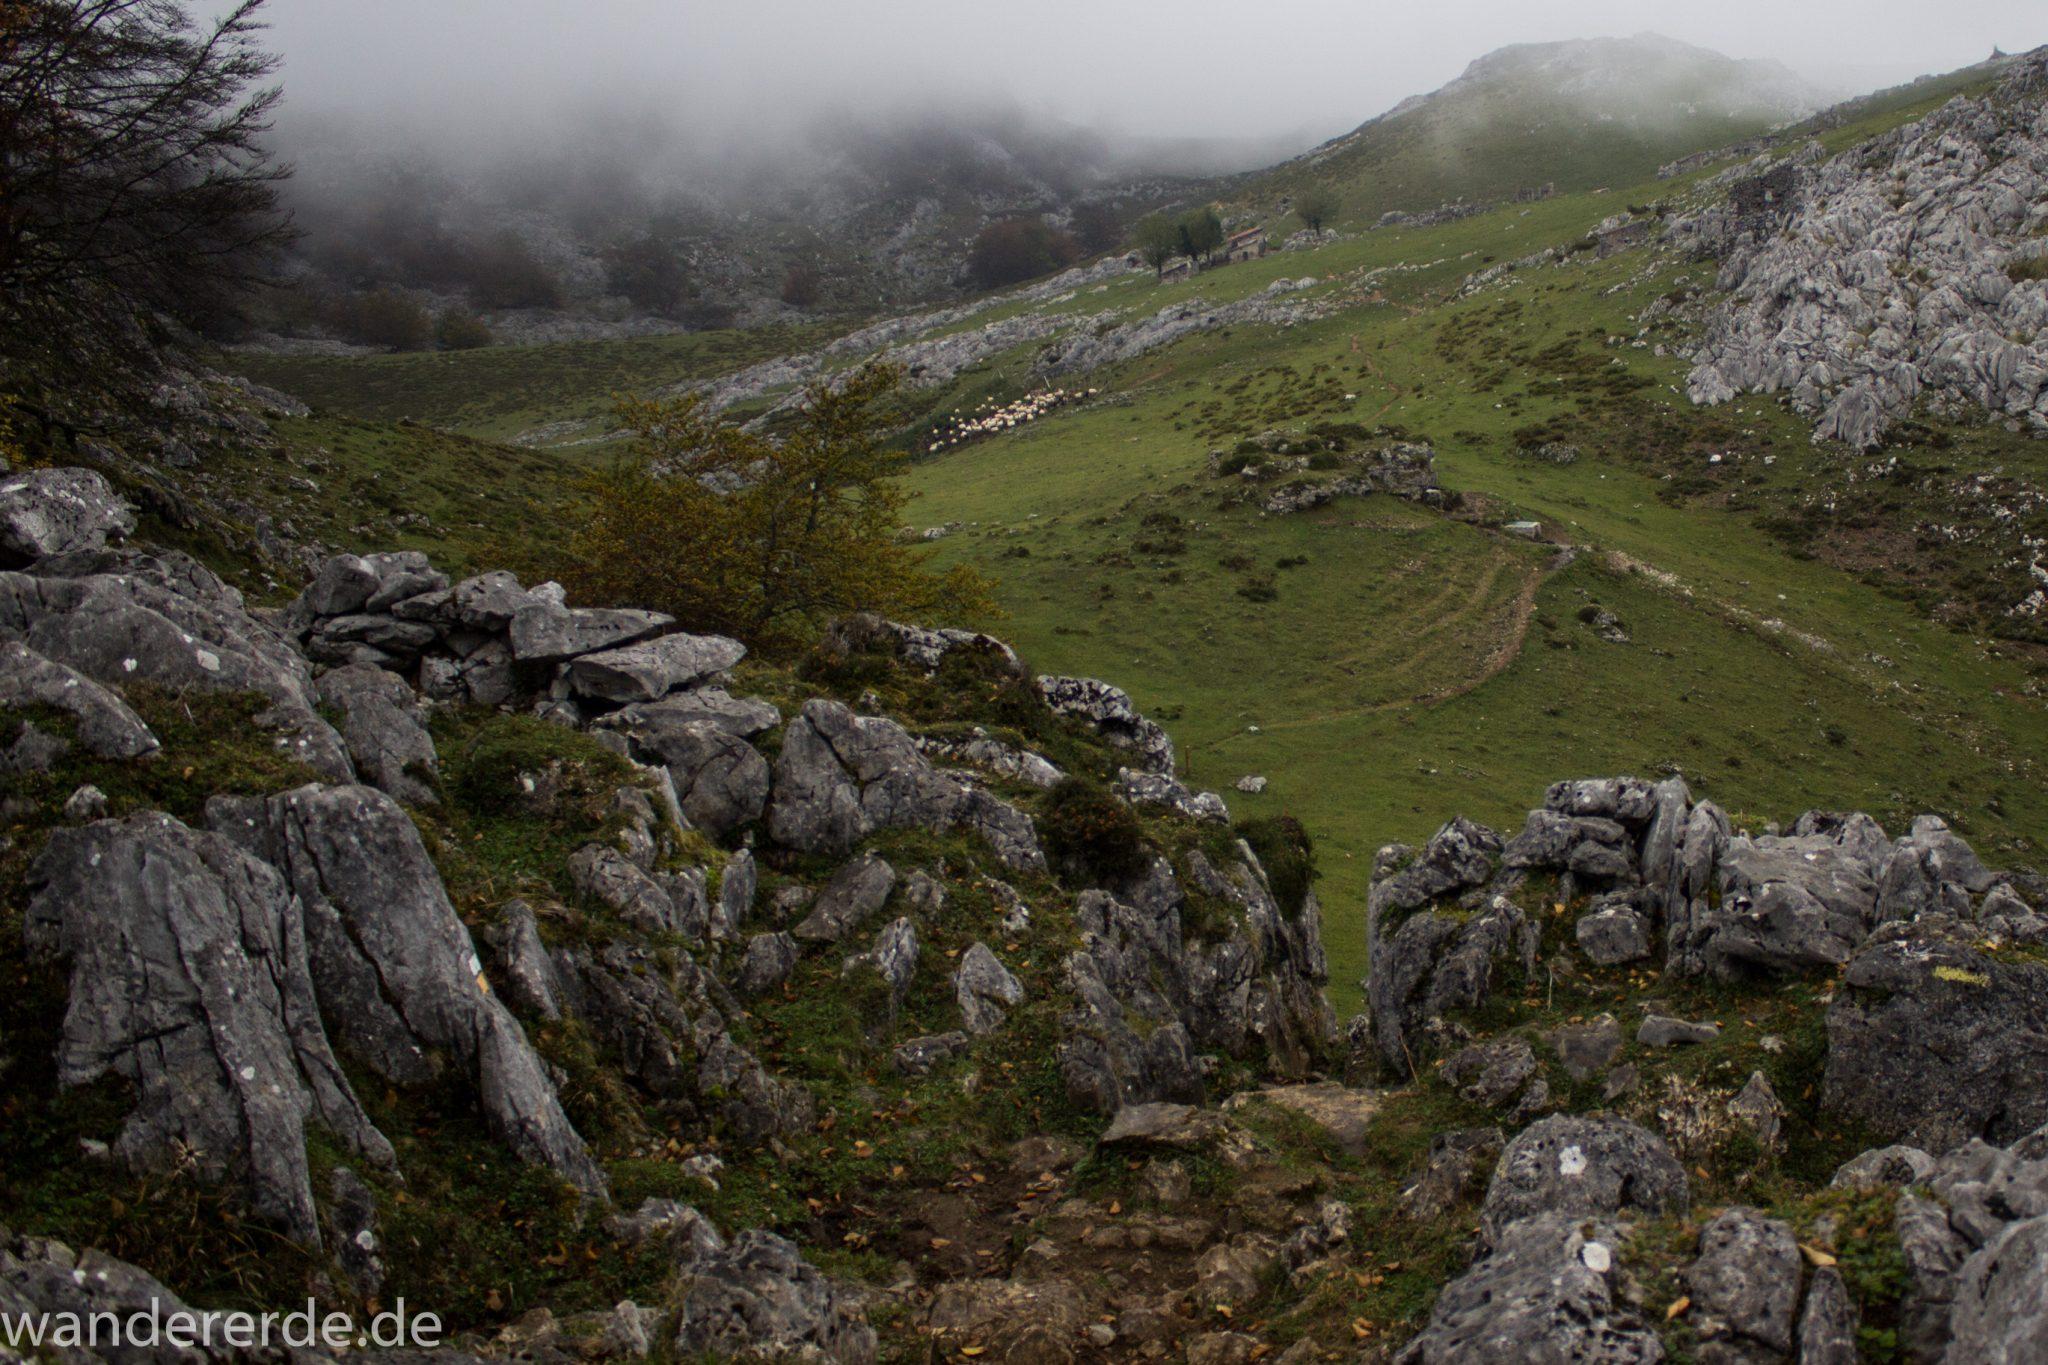 Wanderung Vega de Ario Picos de Europa Spanien, Bäume in Bergregion, Steine, dichte Wolkenfelder, zerklüftete Felsen, schöne Aussicht auf grüne Wiese, schmaler Wanderpfad, wandern